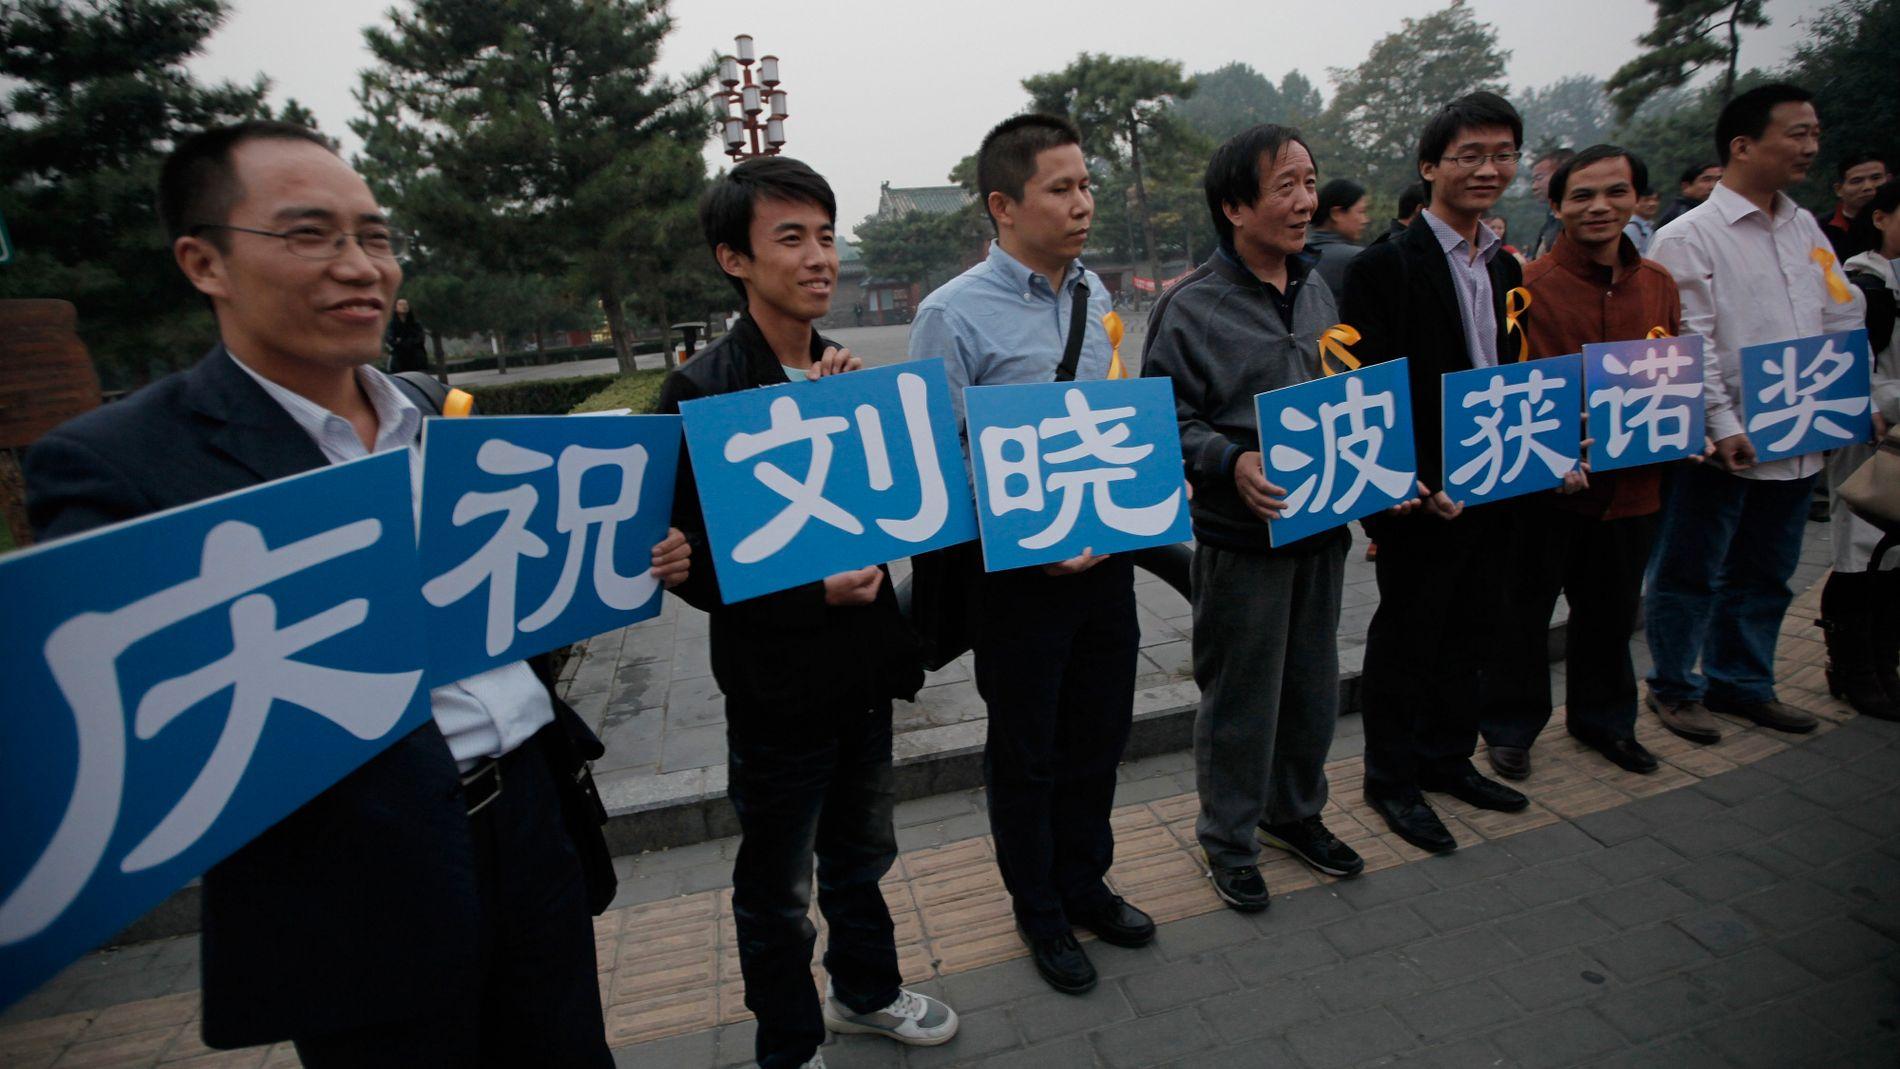 FEIRER LIU XIAOBO: «Vi feirer at Liu Xiaobo får fredsprisen», står det på disse plakatene som ble båret i en park i Beijing til støtte for fredsprisvinneren. ARKIVFOTO: VINCENT YU, AP